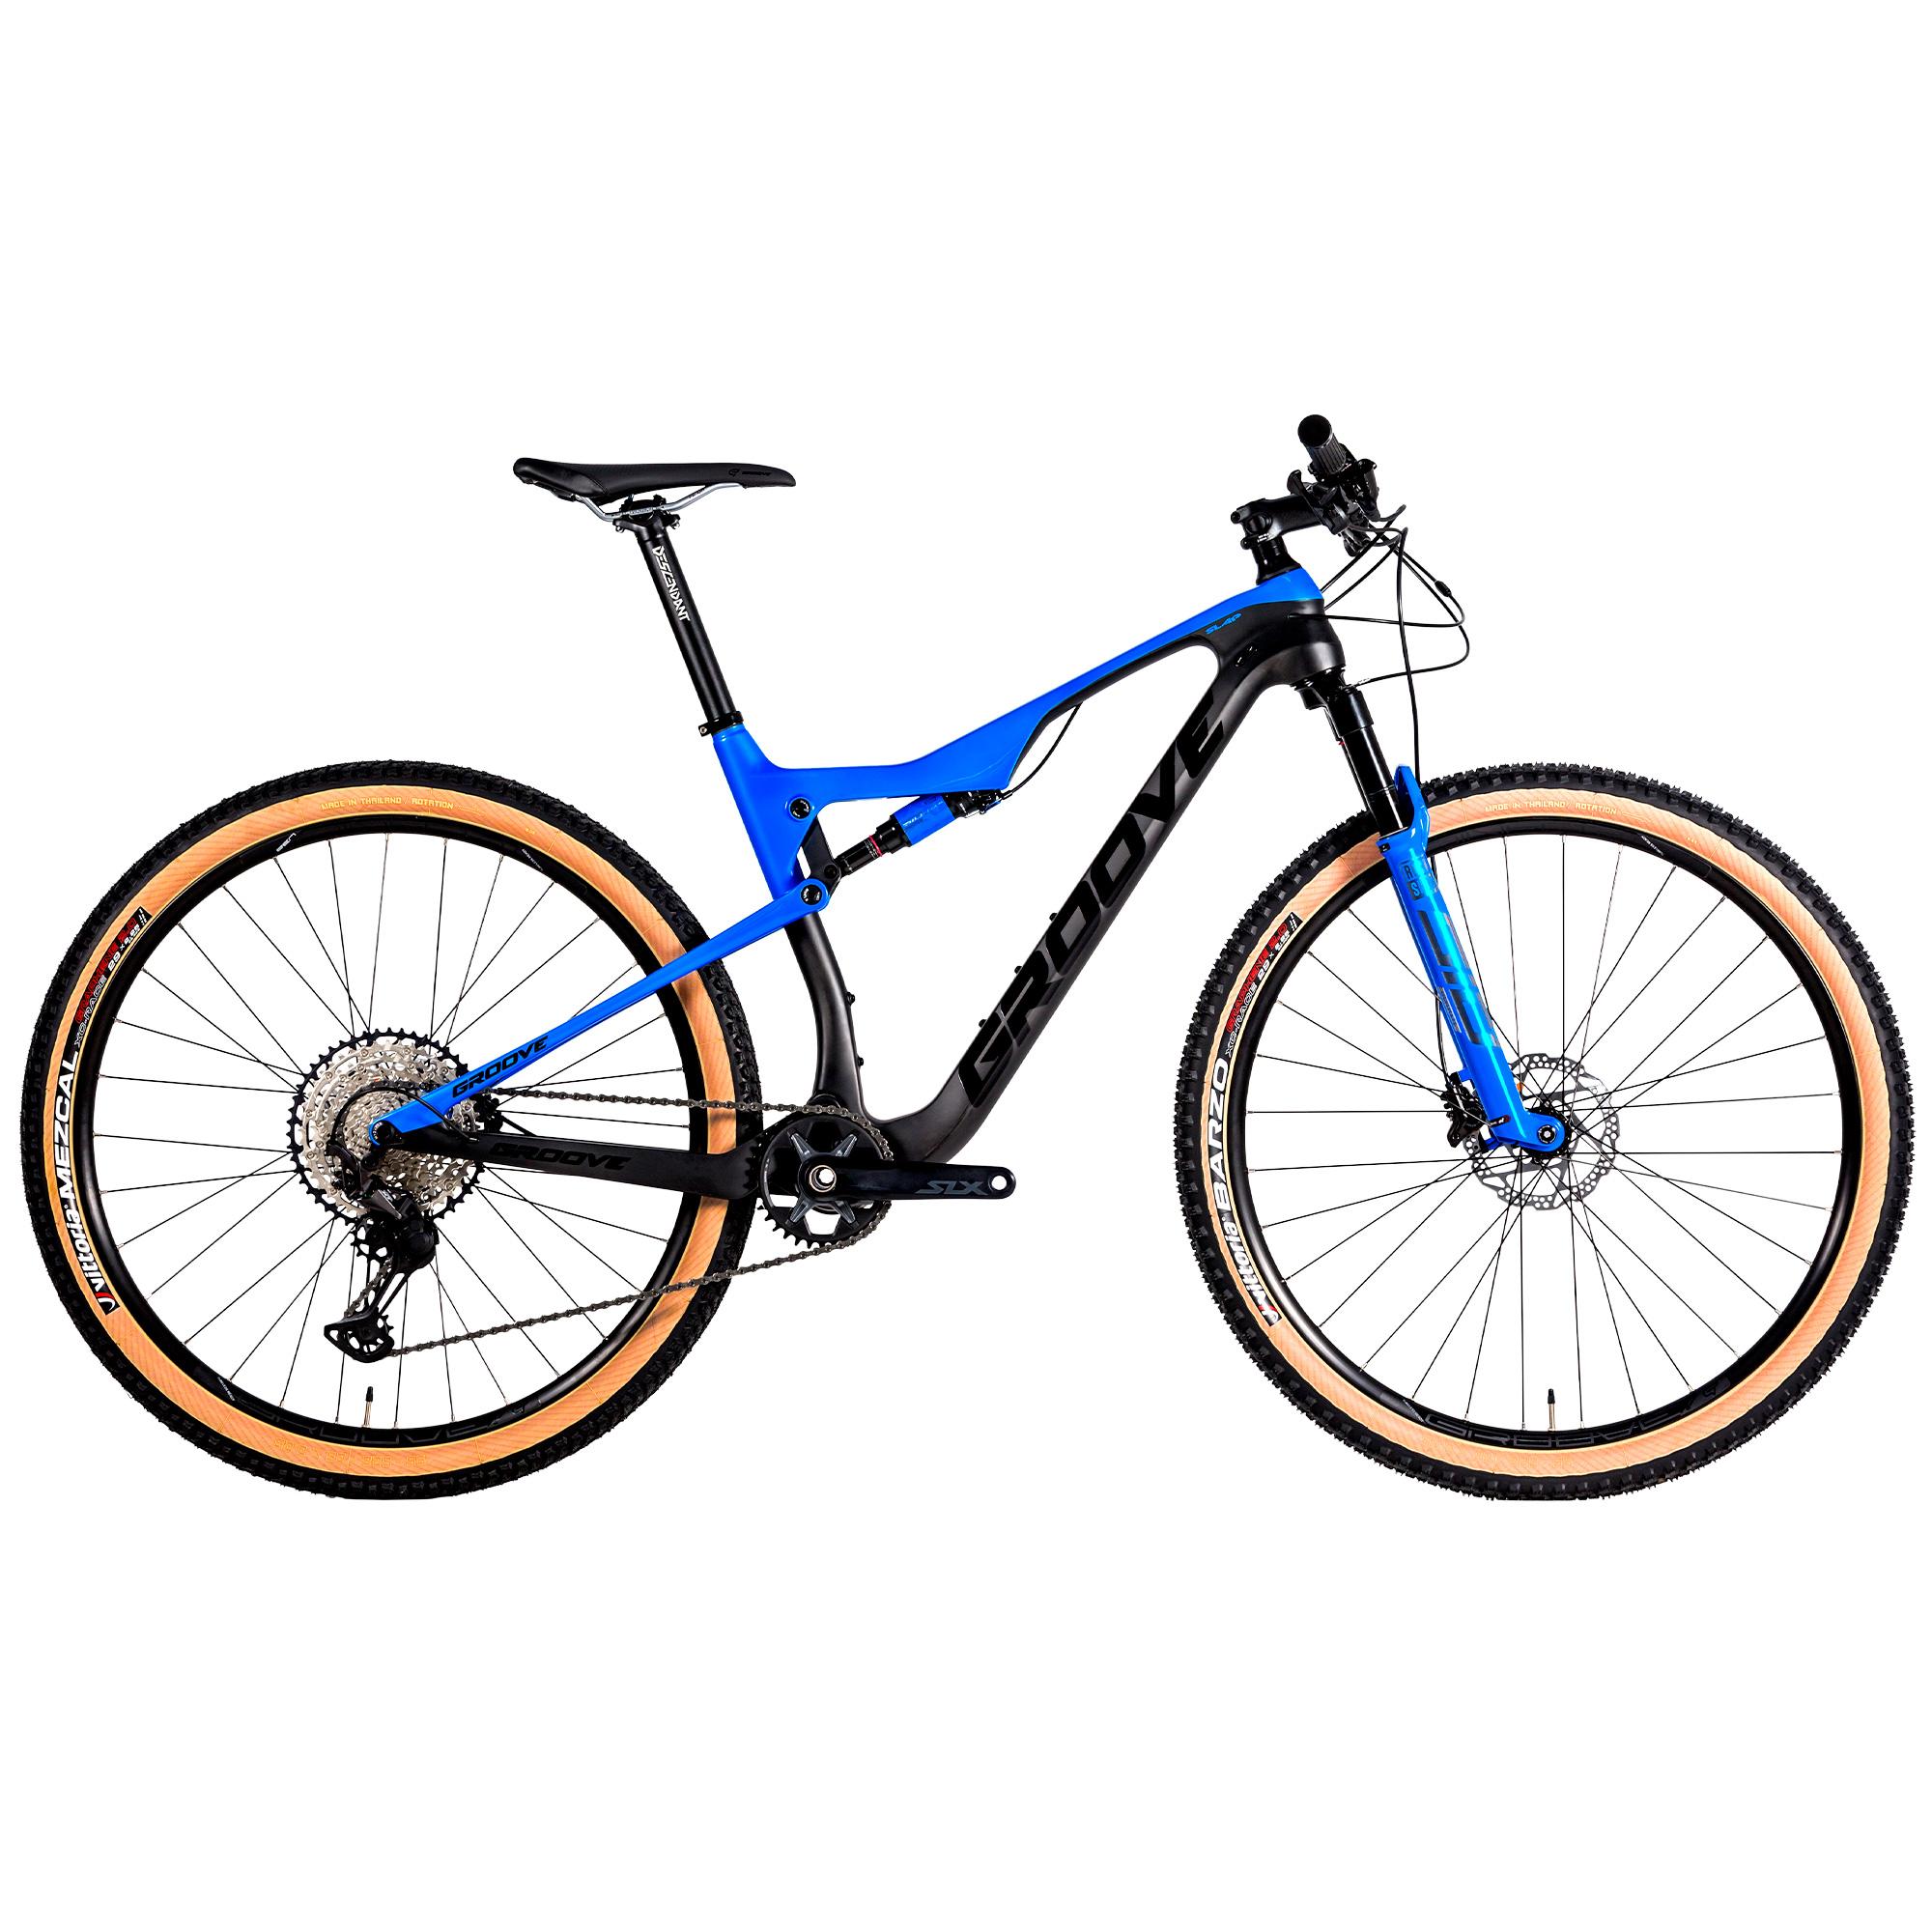 Bicicleta-Groove-Slap-Carbon-Azul-com-Carbono-01